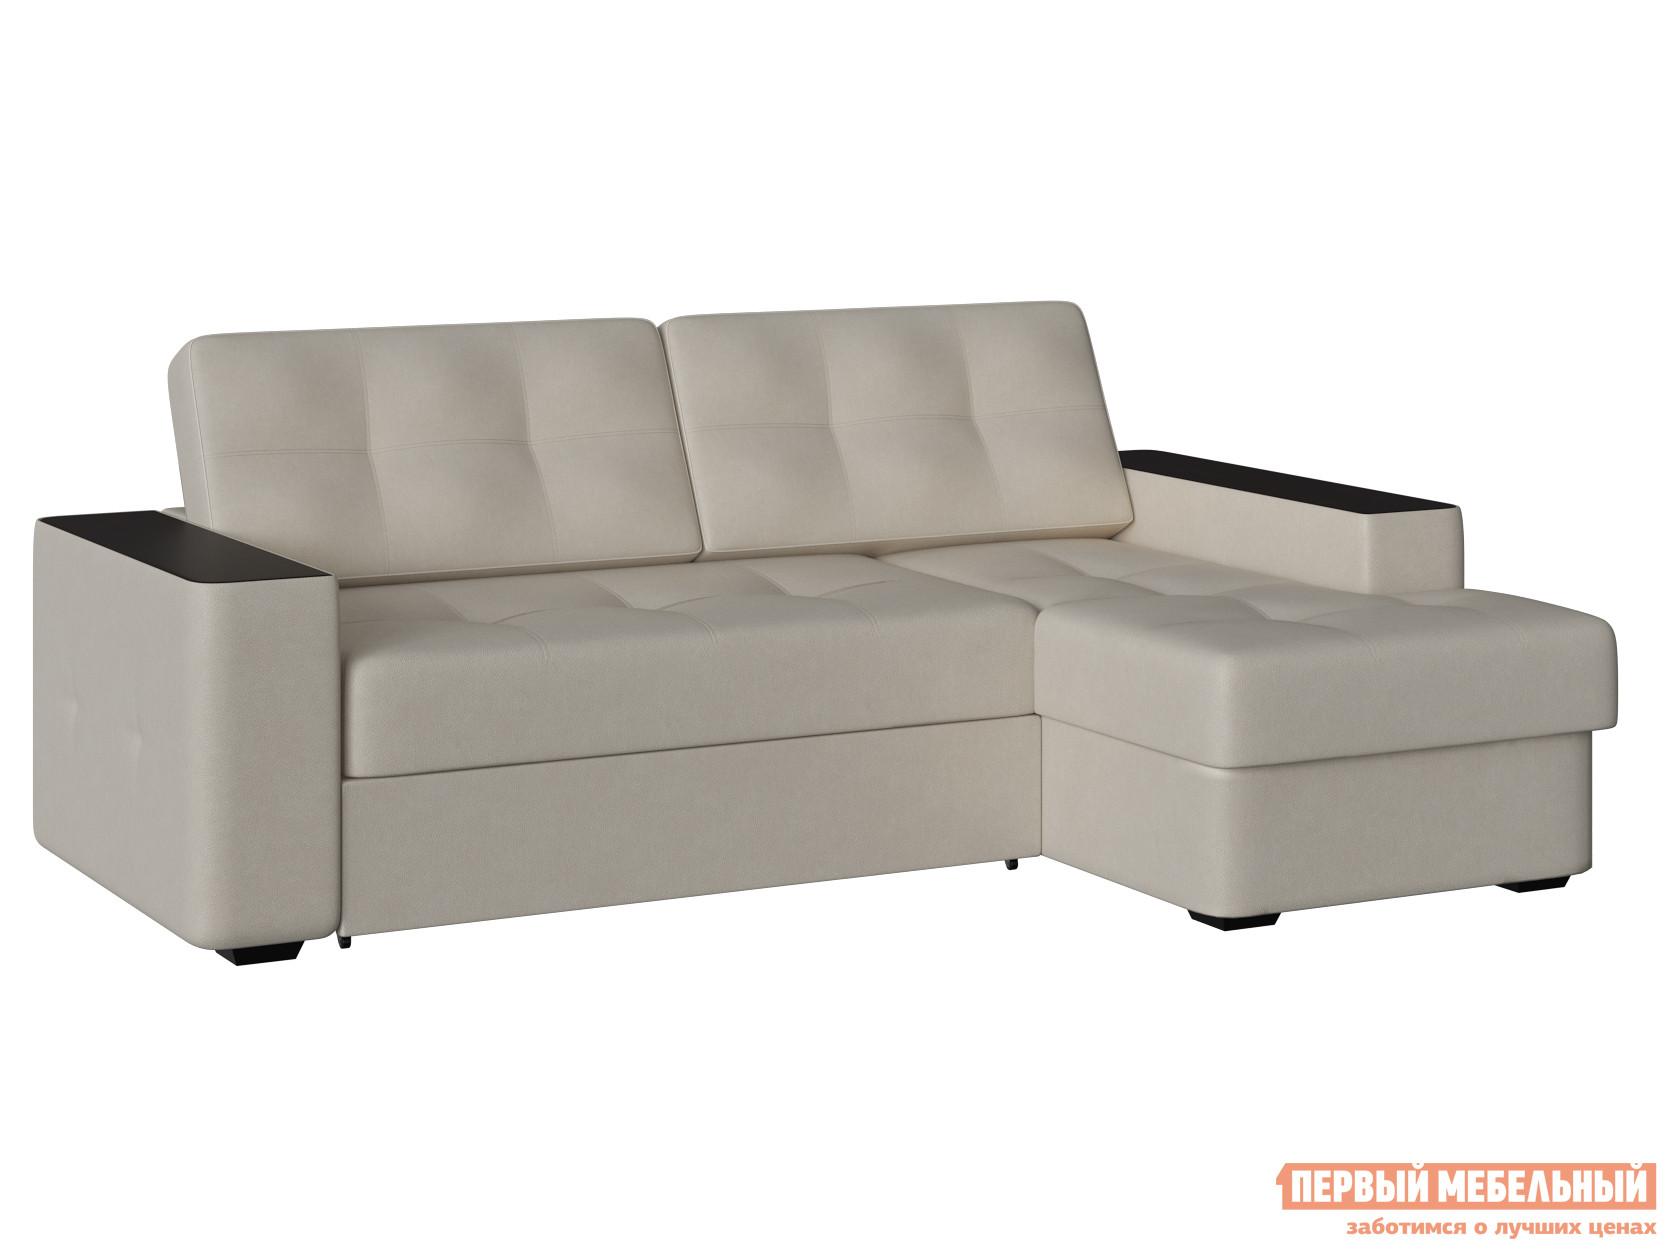 Угловой диван-кровать Первый Мебельный Диван Брюссель